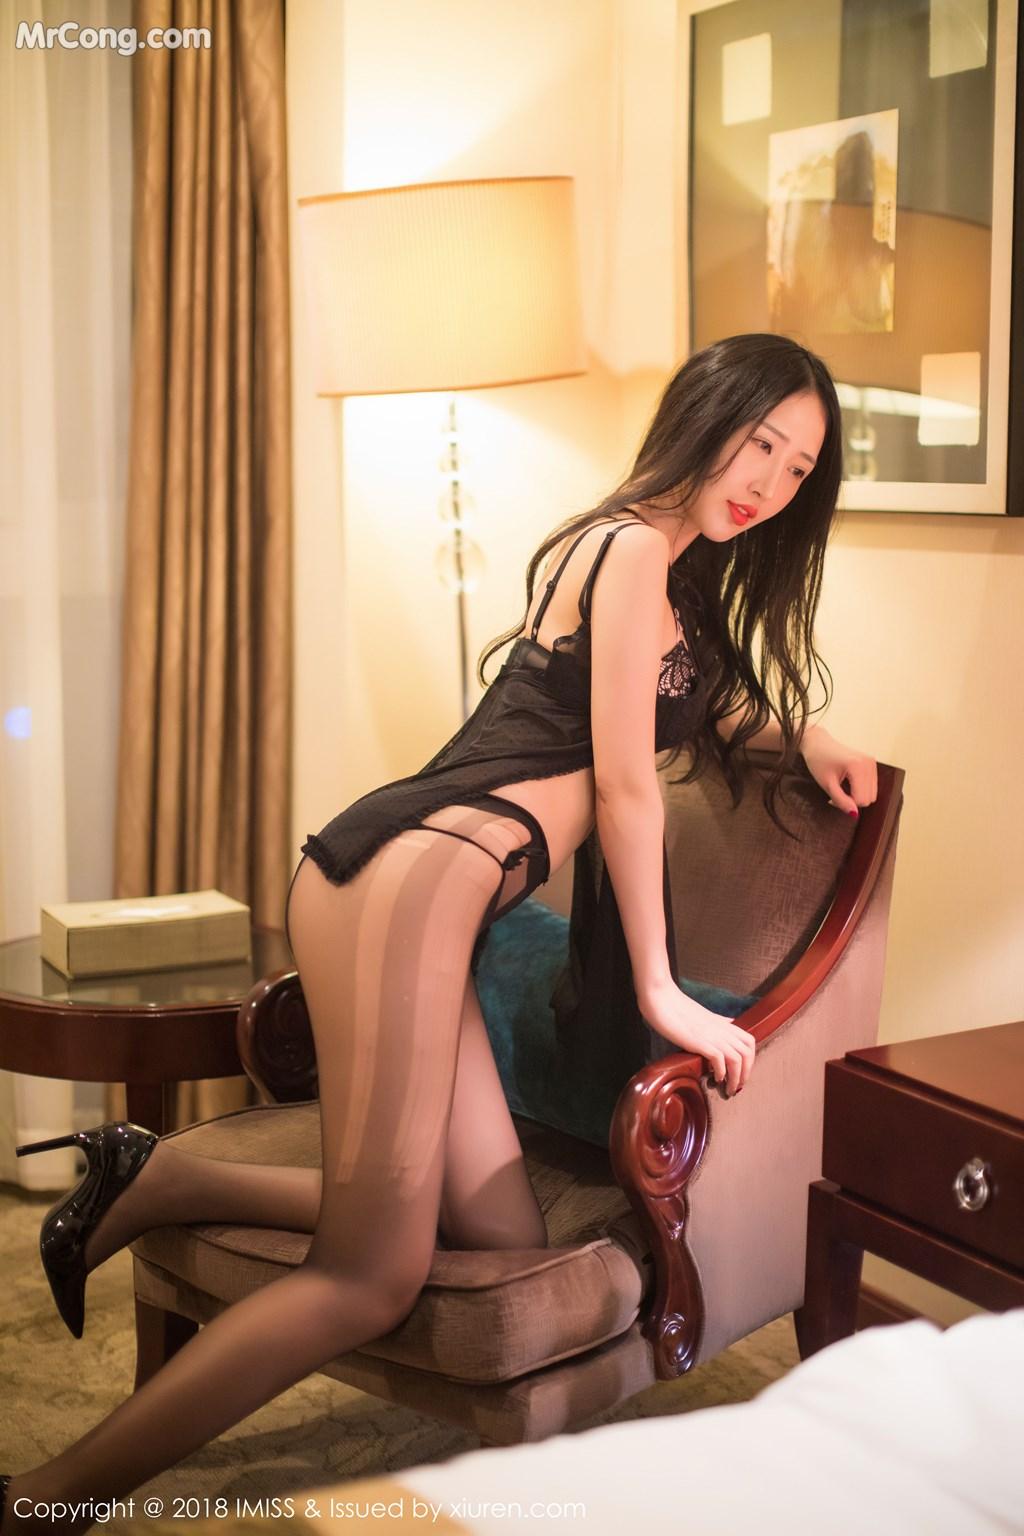 Image IMISS-Vol.246-Yu-Xin-Yan-MrCong.com-003 in post IMISS Vol.246: Người mẫu Yu Xin Yan (余馨妍) (42 ảnh)